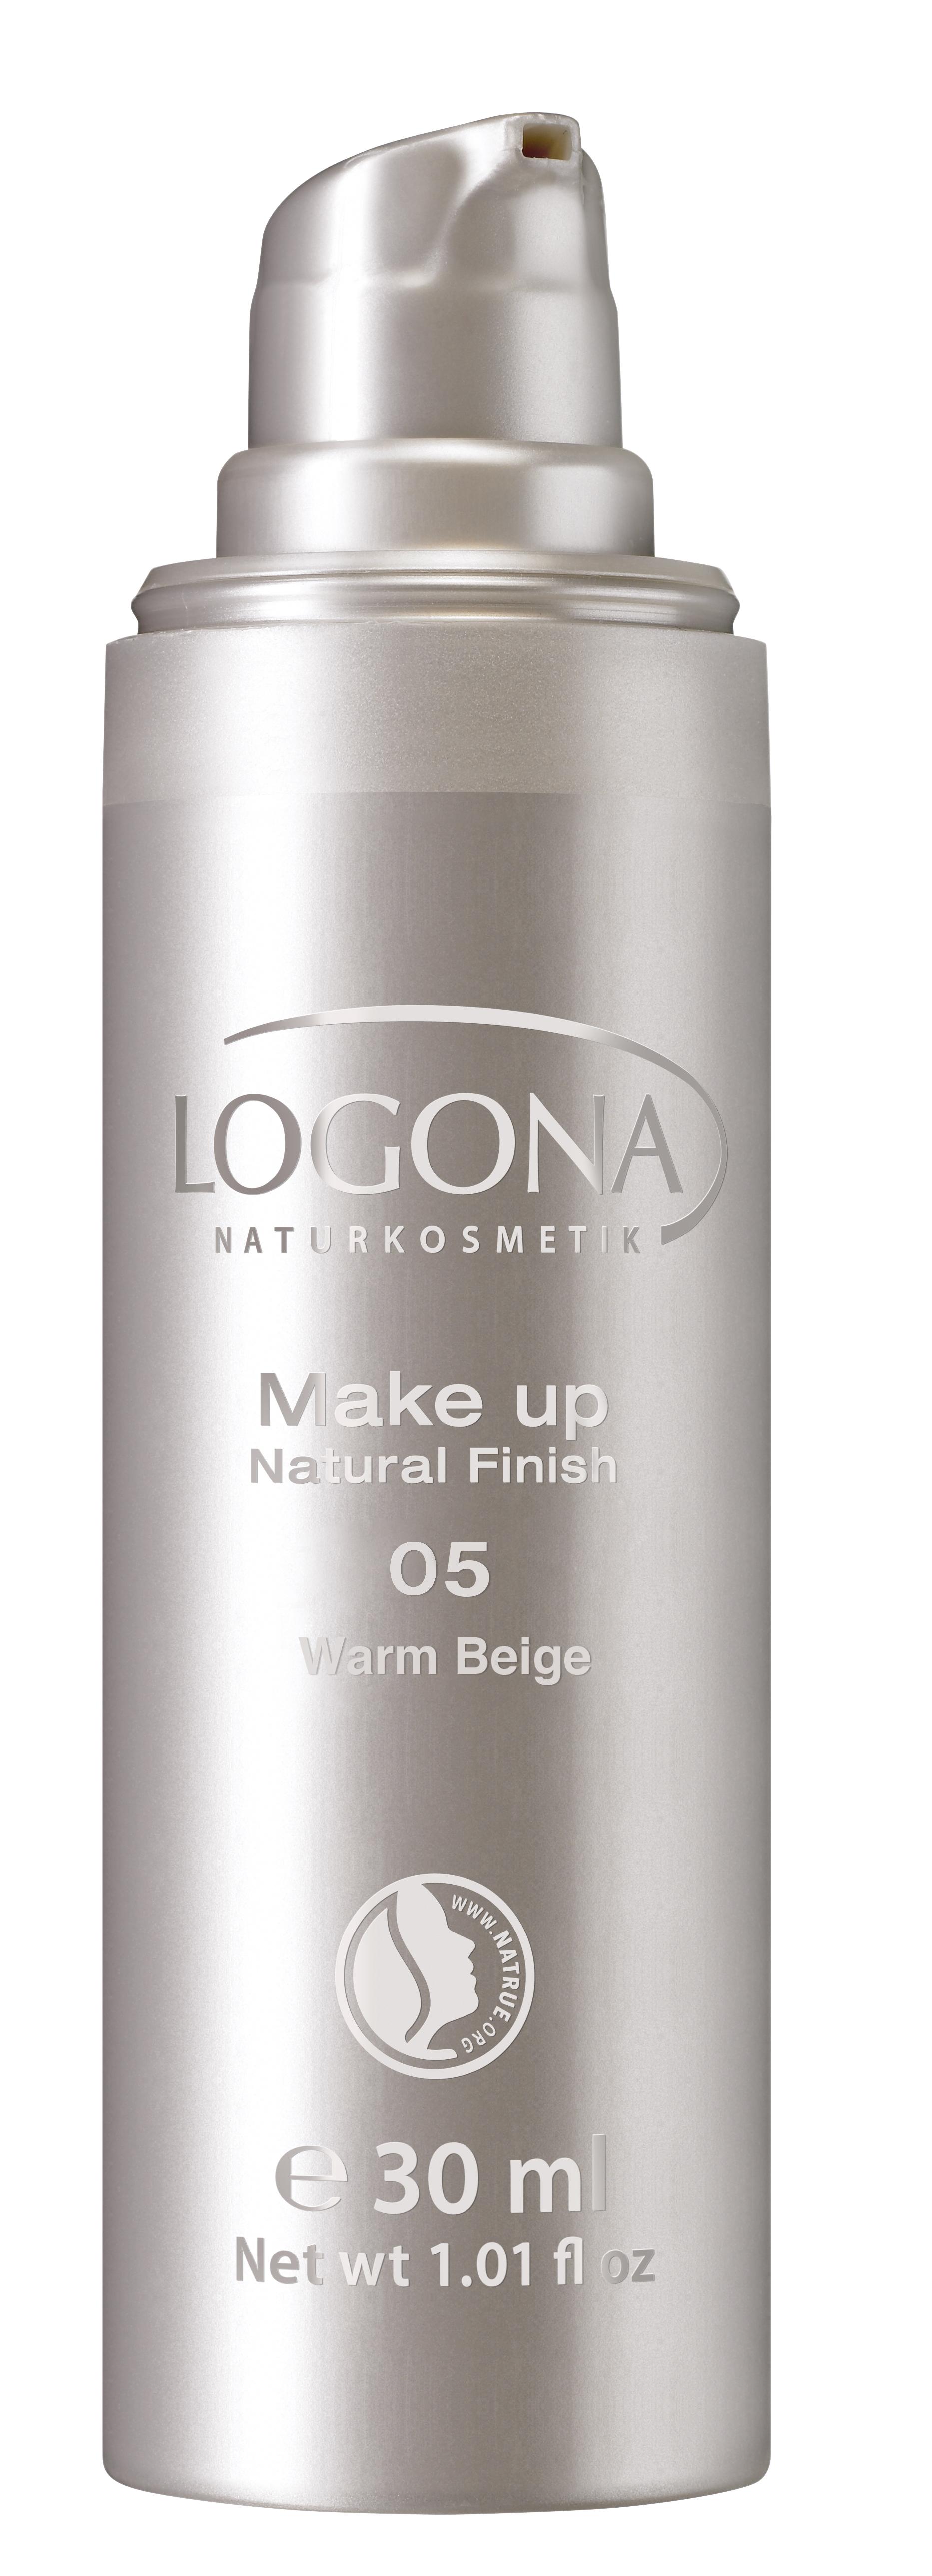 Make-up Natural Finish 05, warm beige